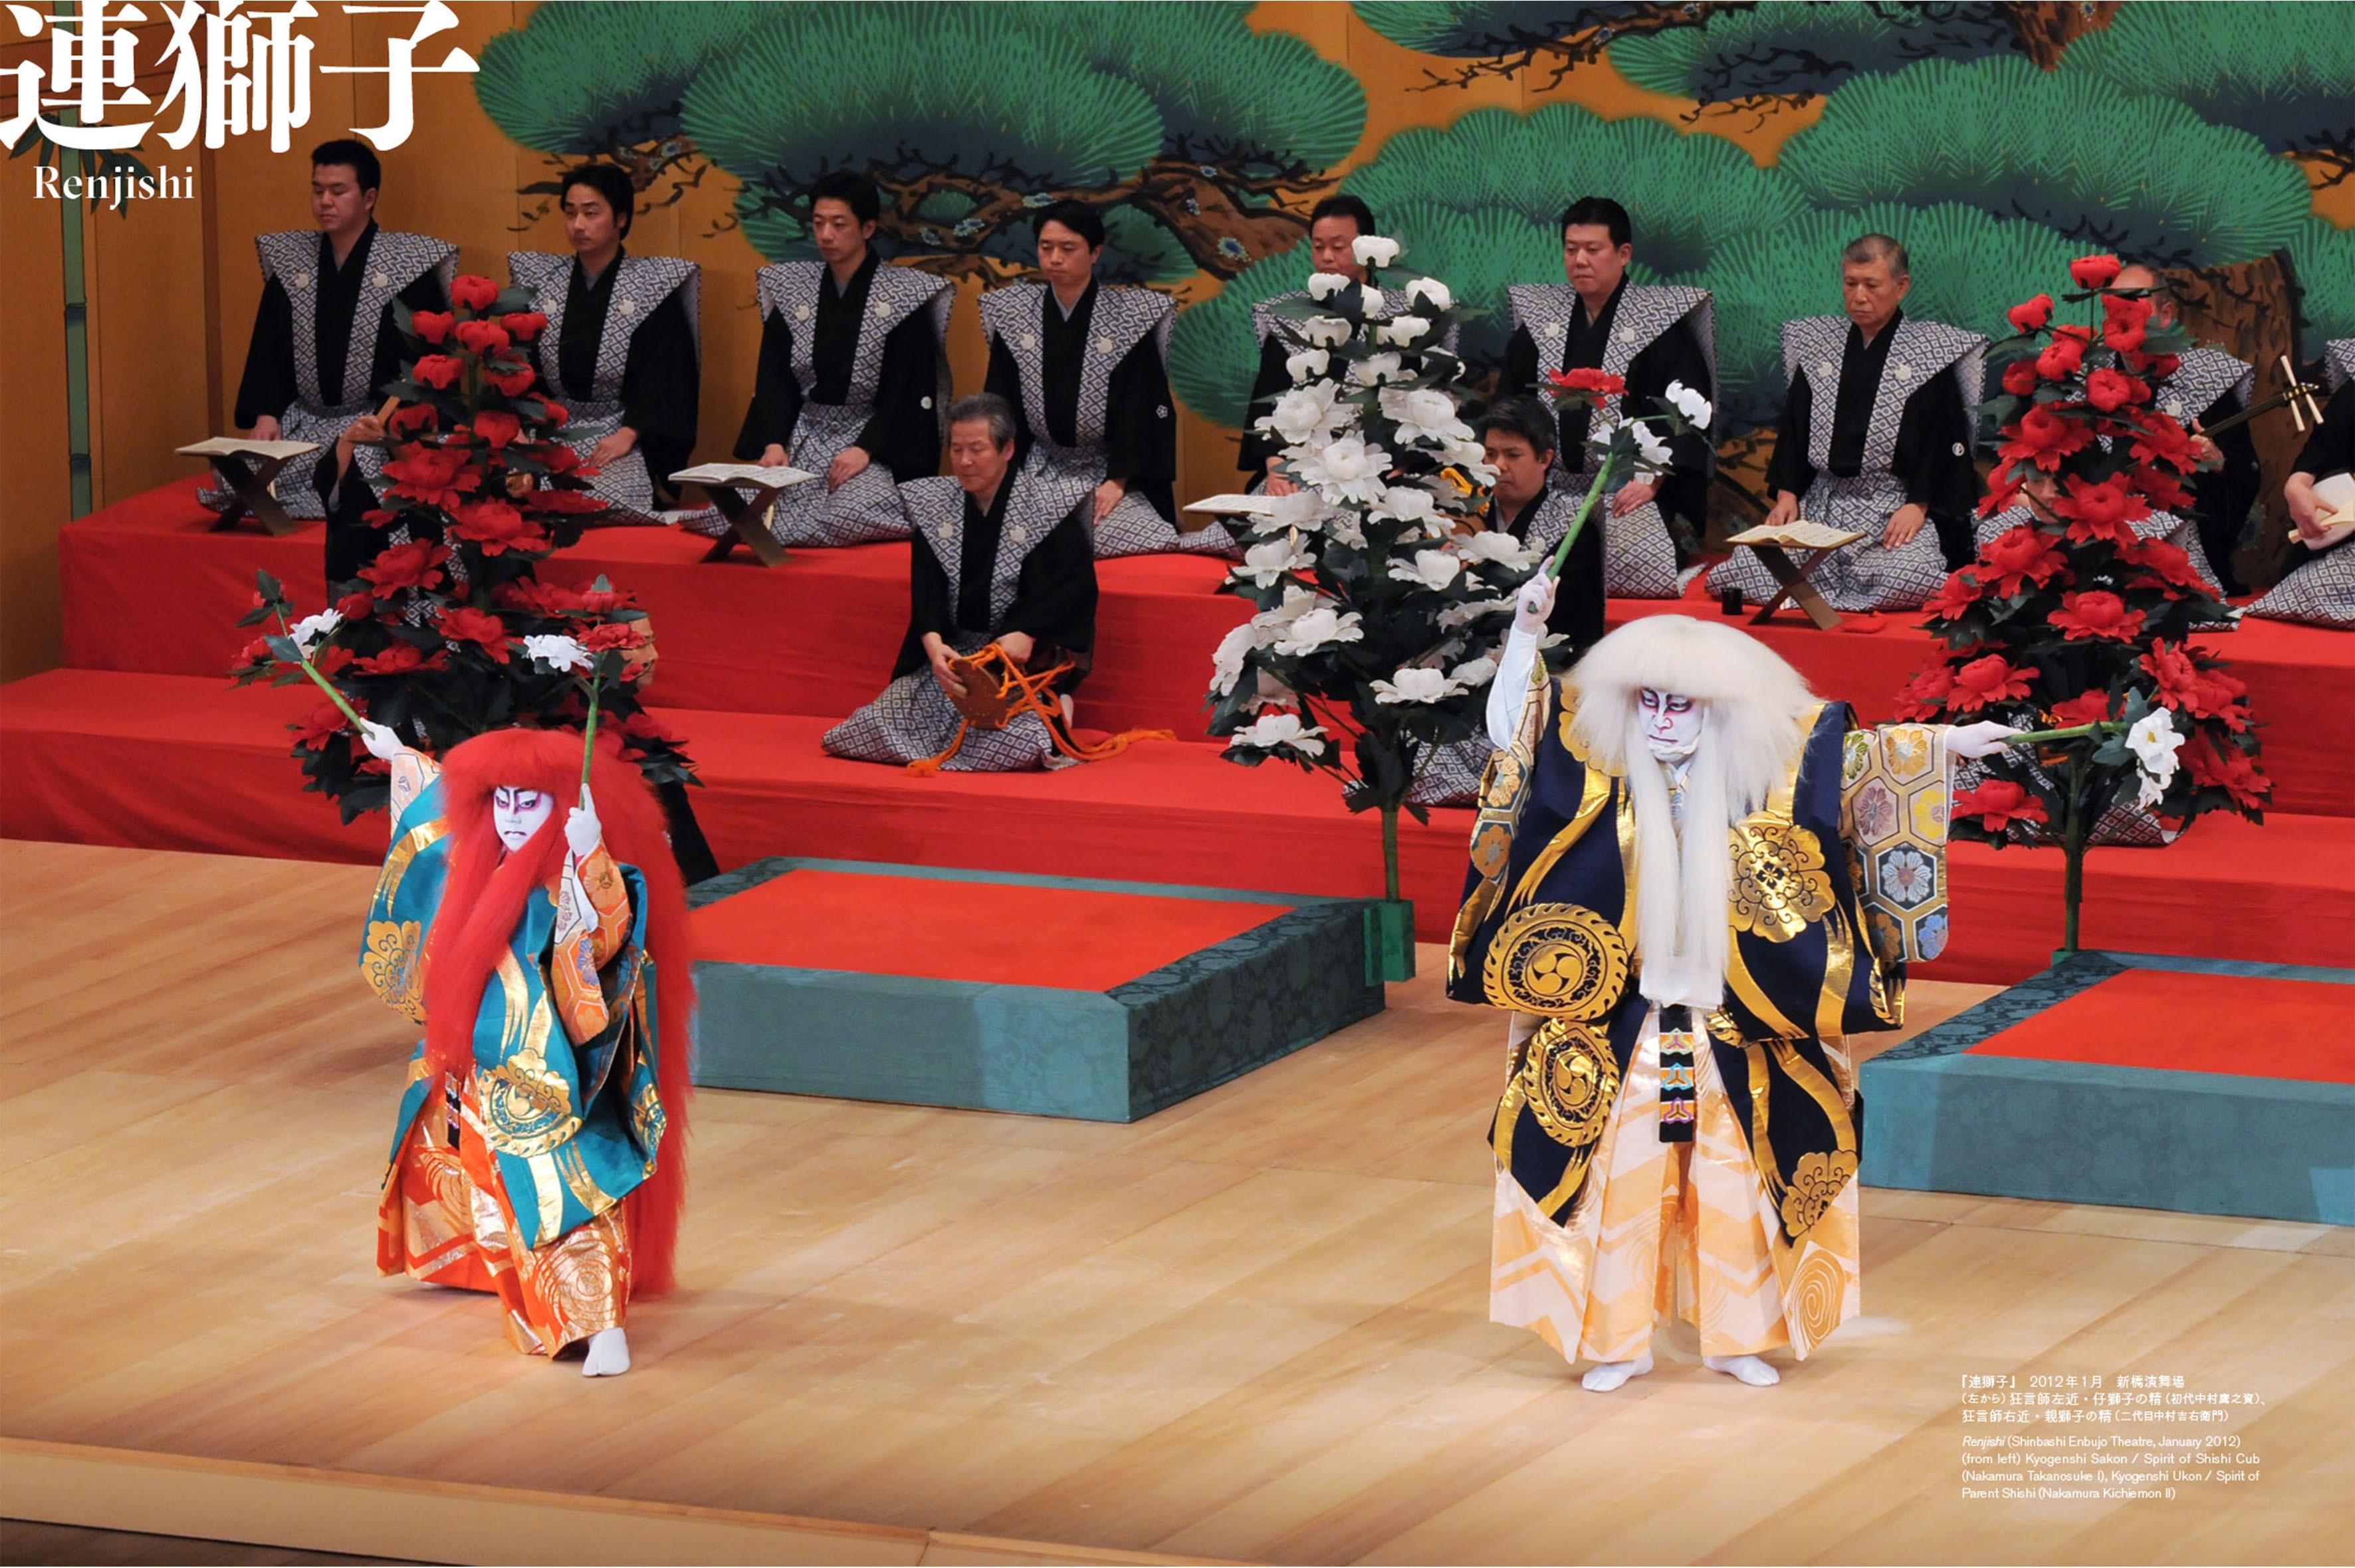 『連獅子』あらすじより:松竹が提供する貴重な舞台写真の数々が登場する